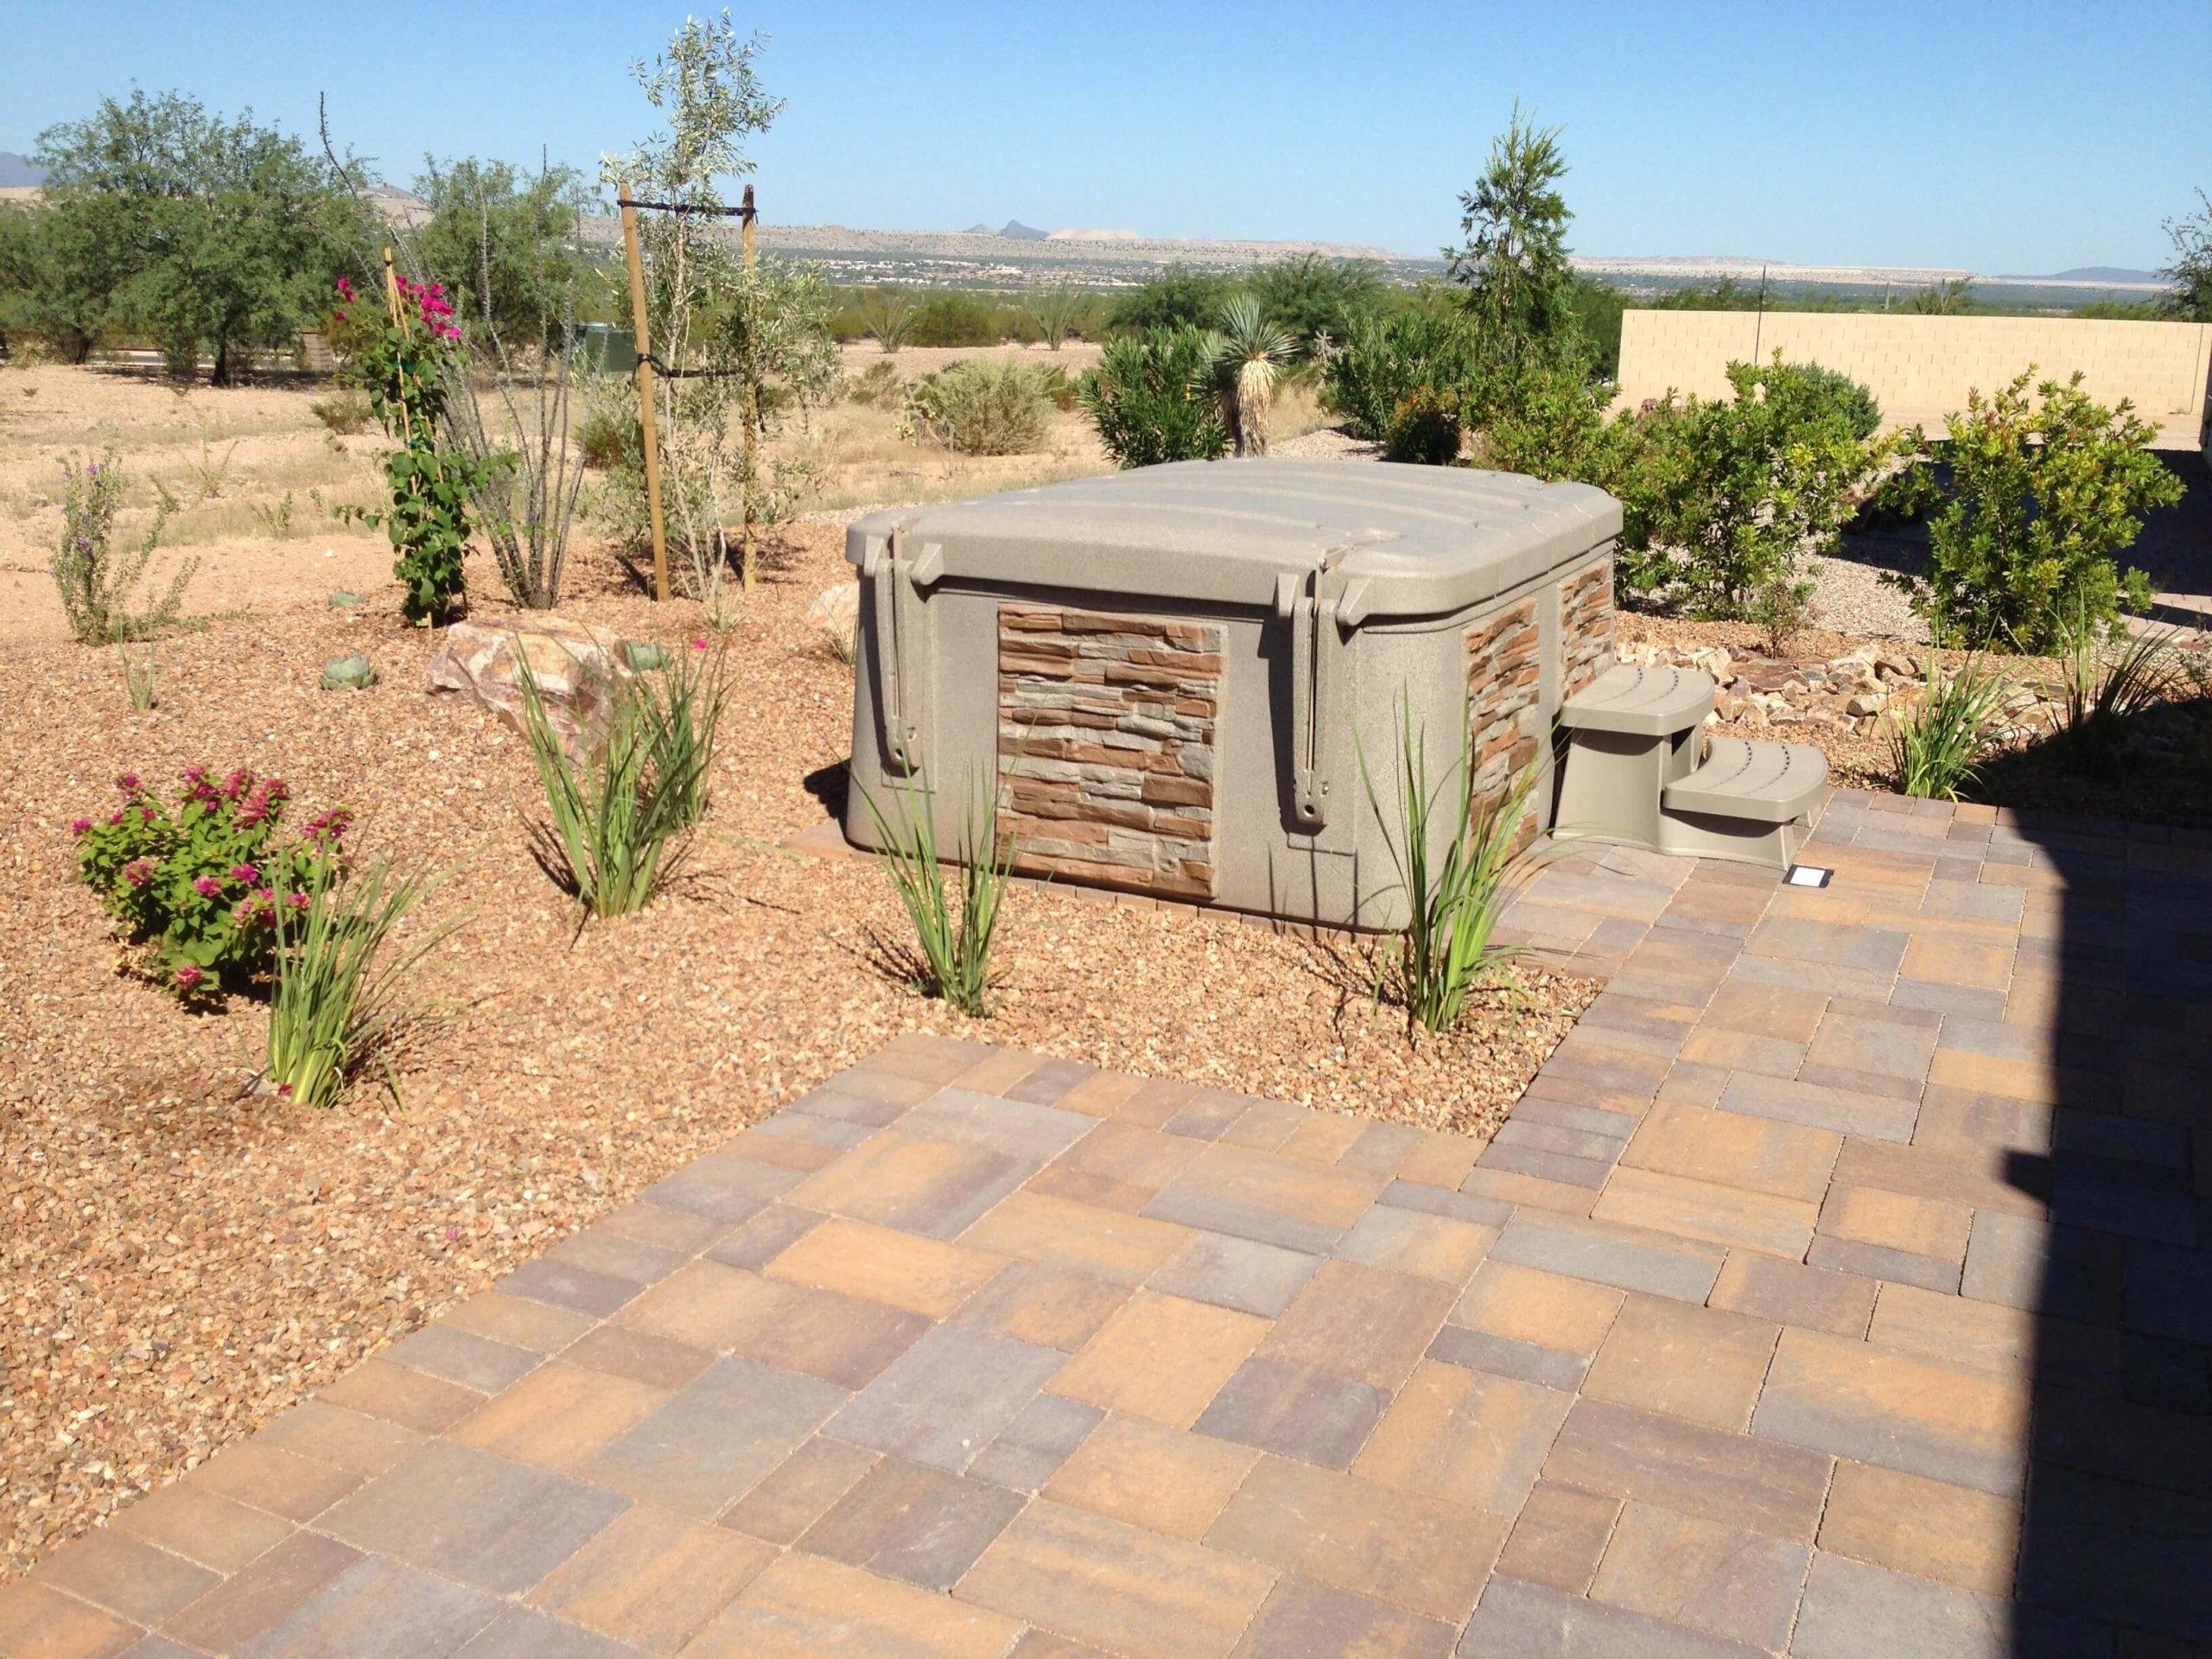 tuff spas desert landscape